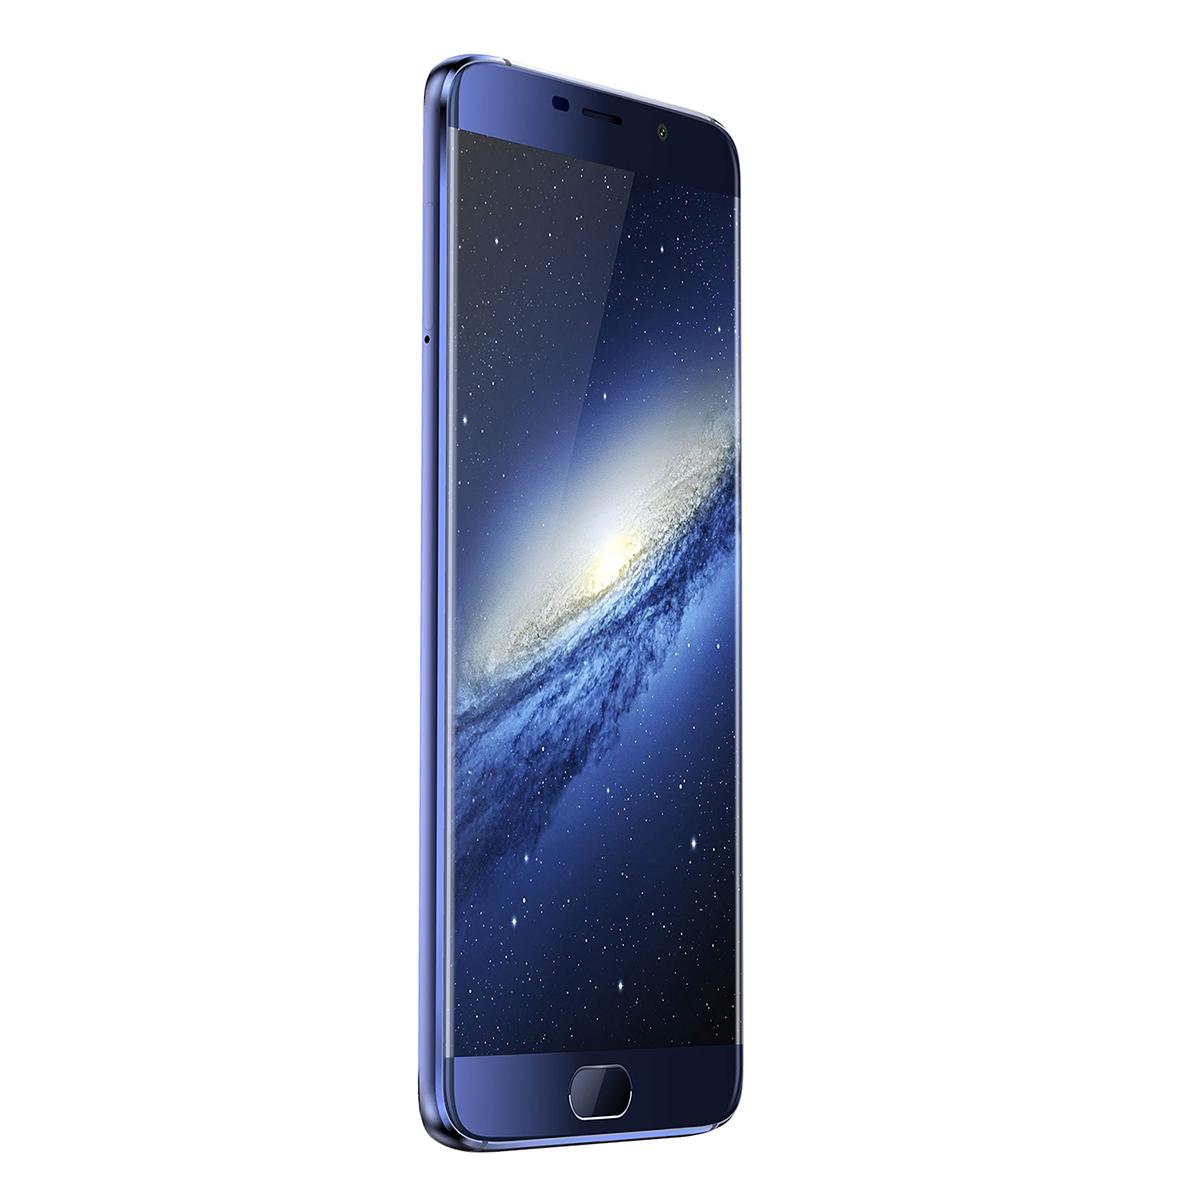 Elephone S7 - Notebookcheck.net External Reviews